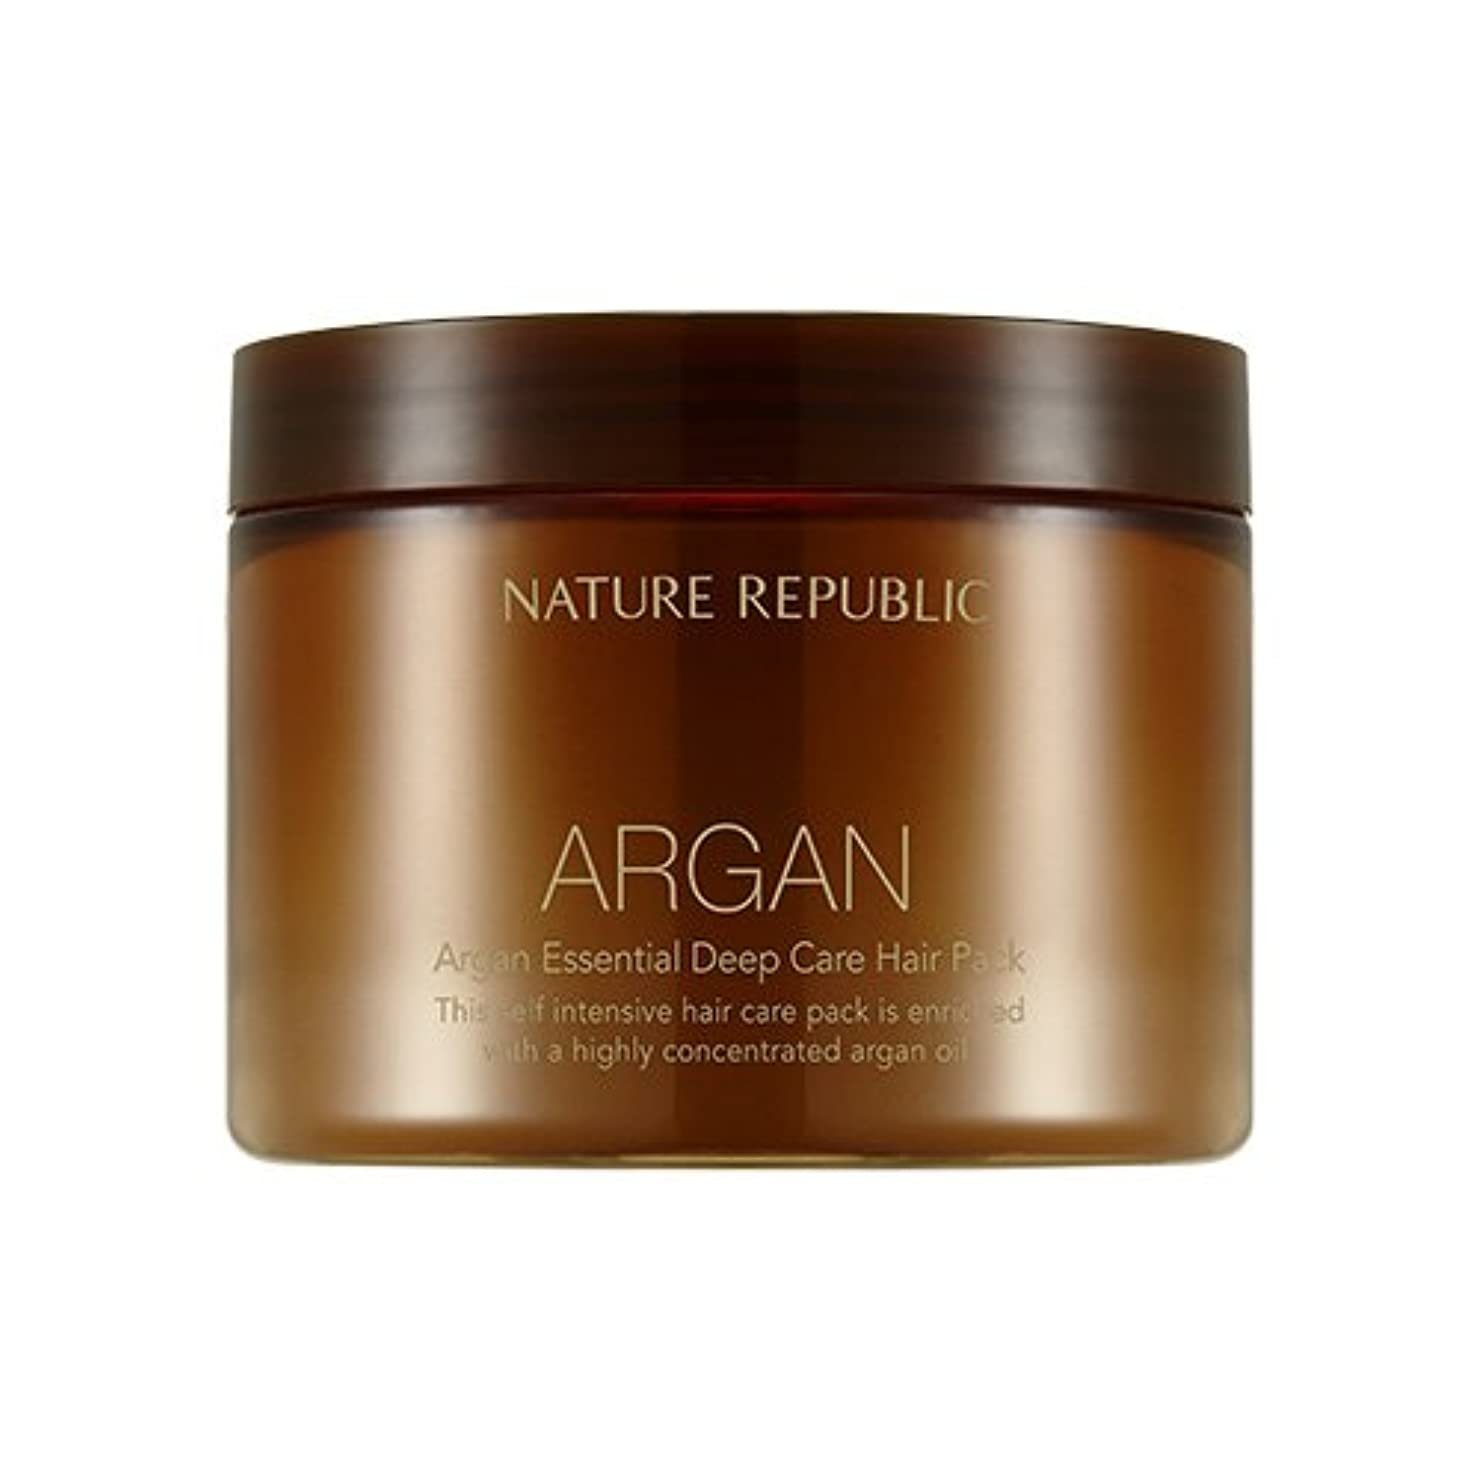 ウルルにはまって床を掃除するNATURE REPUBLIC Argan Essential Deep Care Hair Pack 470ml ネイチャーリパブリック アルガンエッセンシャルディープケアヘアパック 470ml [並行輸入品]